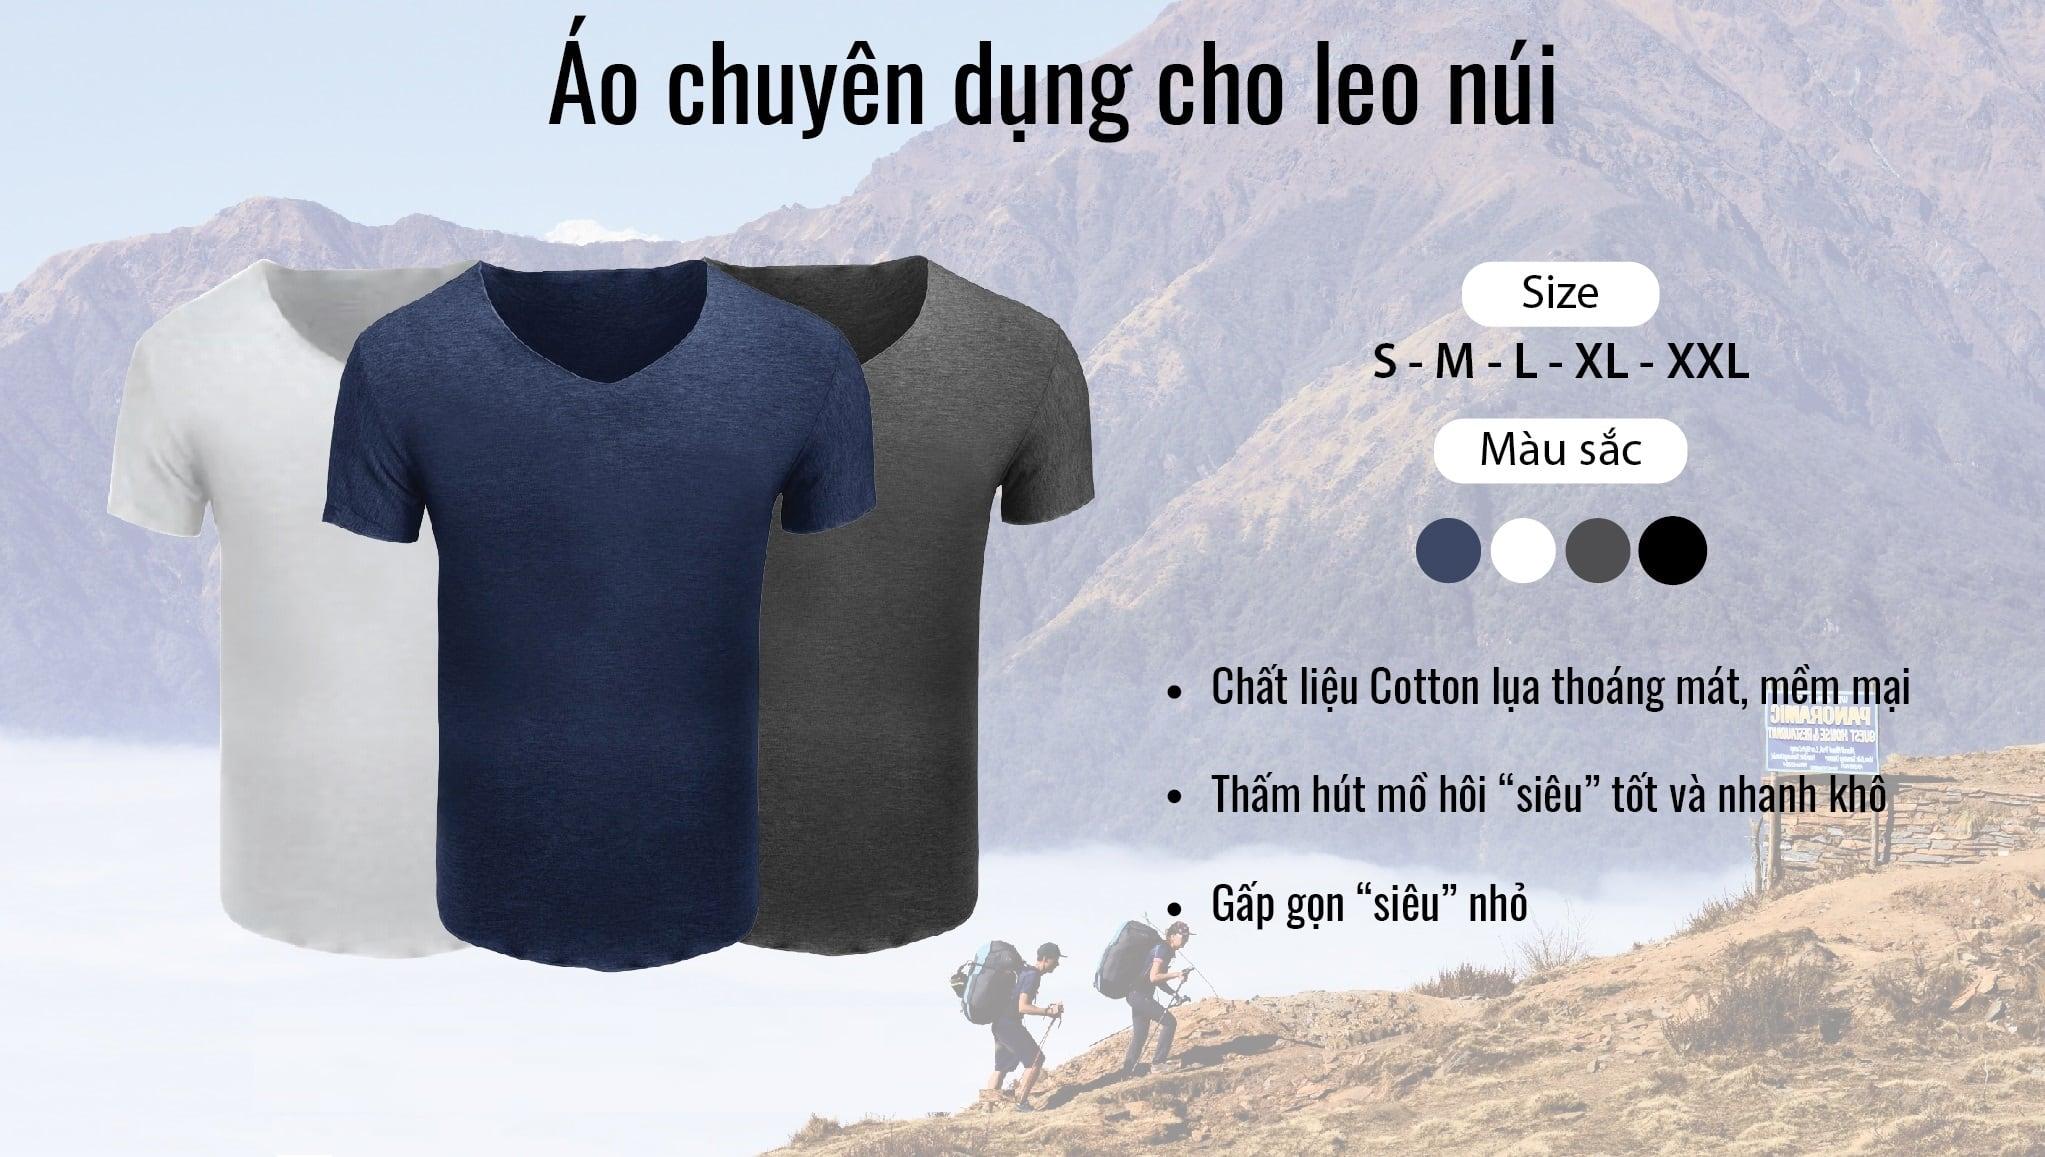 Áo leo núi body cotton giá rẻ dành cho nam nữ